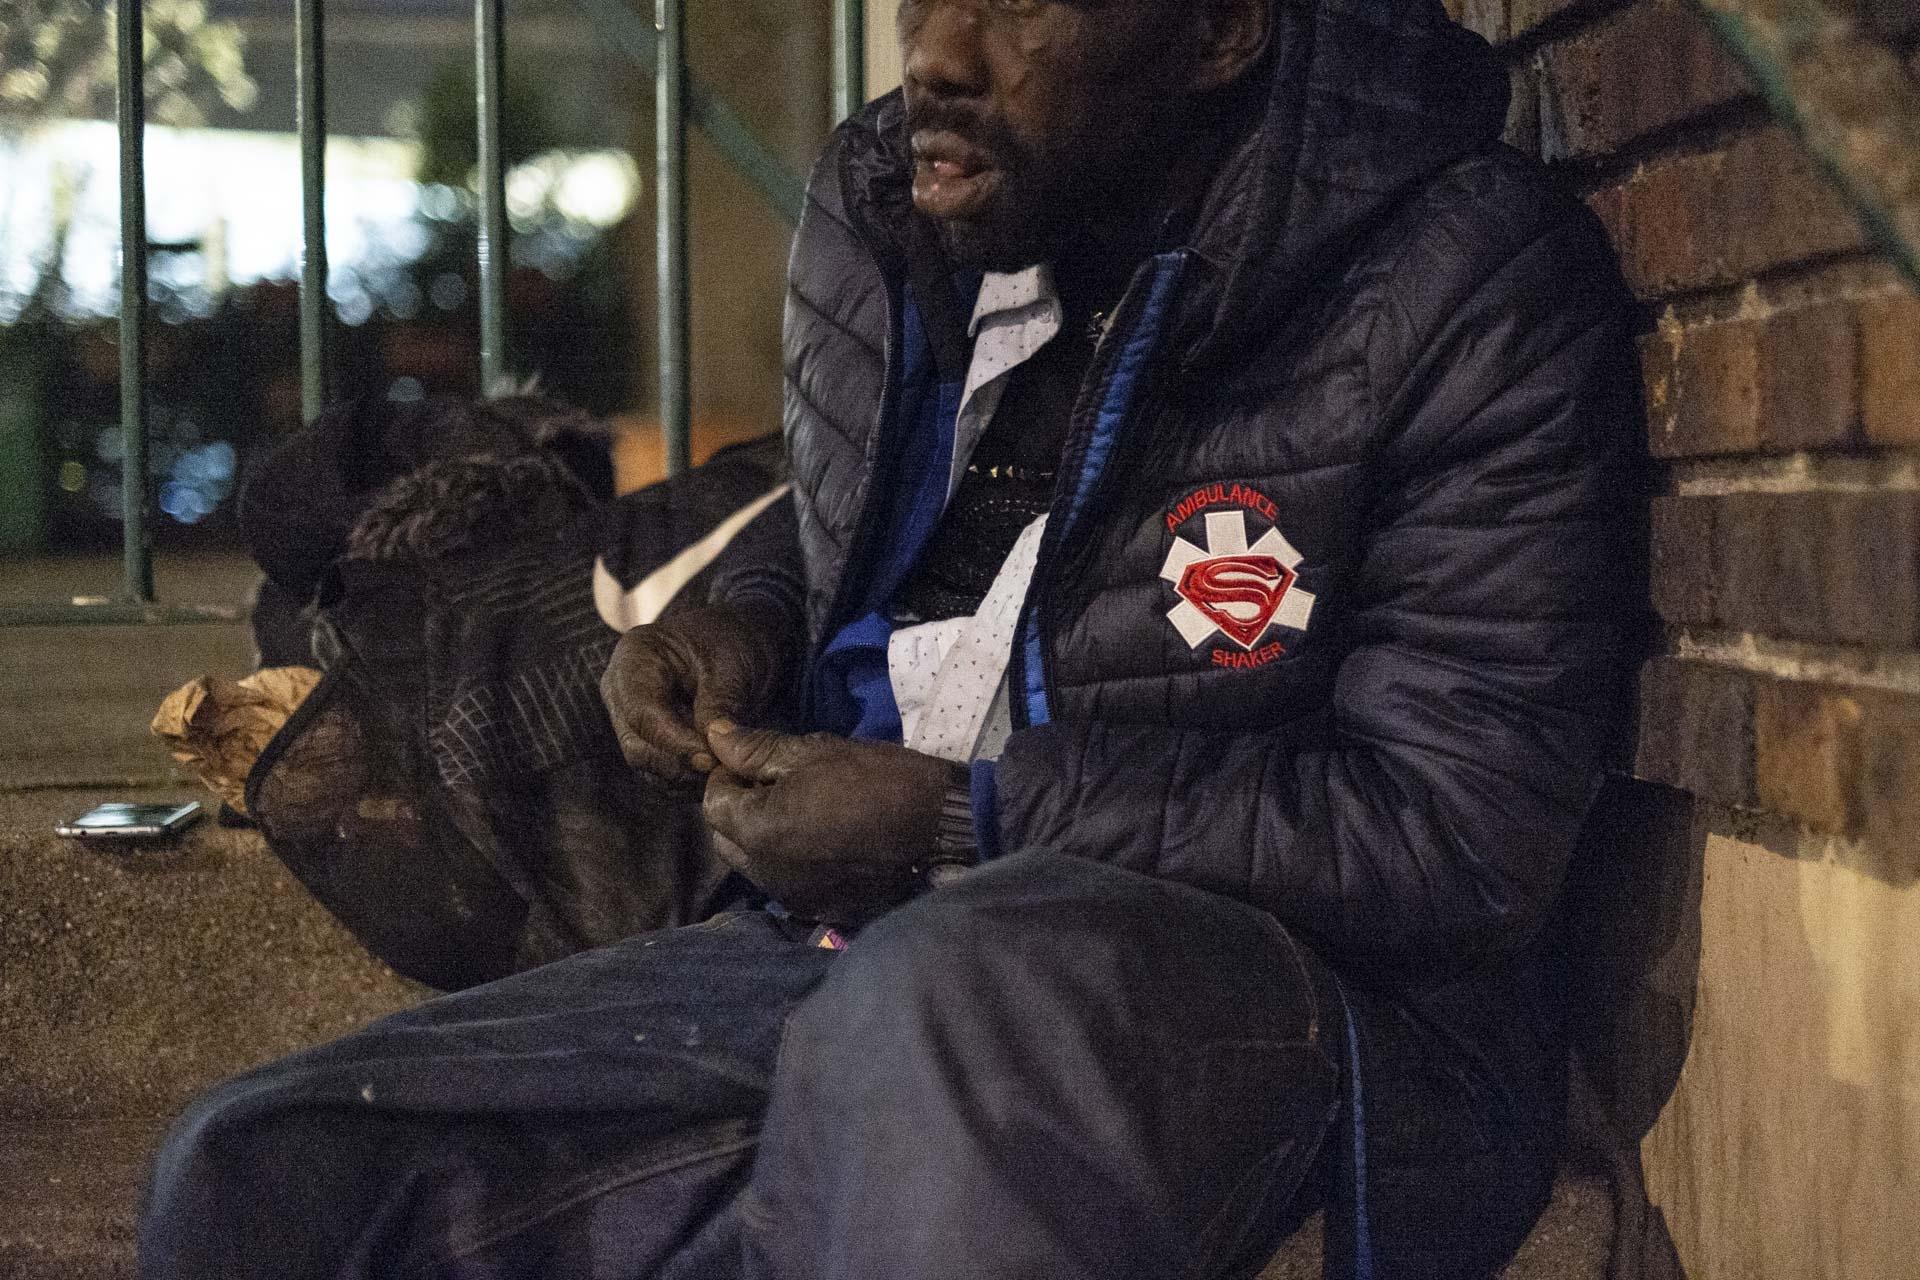 Il fait froid et Diallo est véritablement diminué. Il a le visage marqué avec de nouvelles cicatrices. Il a encore perdu des dents, j'ai plus de mal à le comprendre. En 2005, il a tenté une cure de désintoxication avec l'association Coordination Toxicomanies à Château-Rouge, dans le XVIIIe. Mais celle-ci est interrompue par une condamnation qui l'a conduit en prison. À sa sortie, il n'a pas eu la force de poursuivre son sevrage.